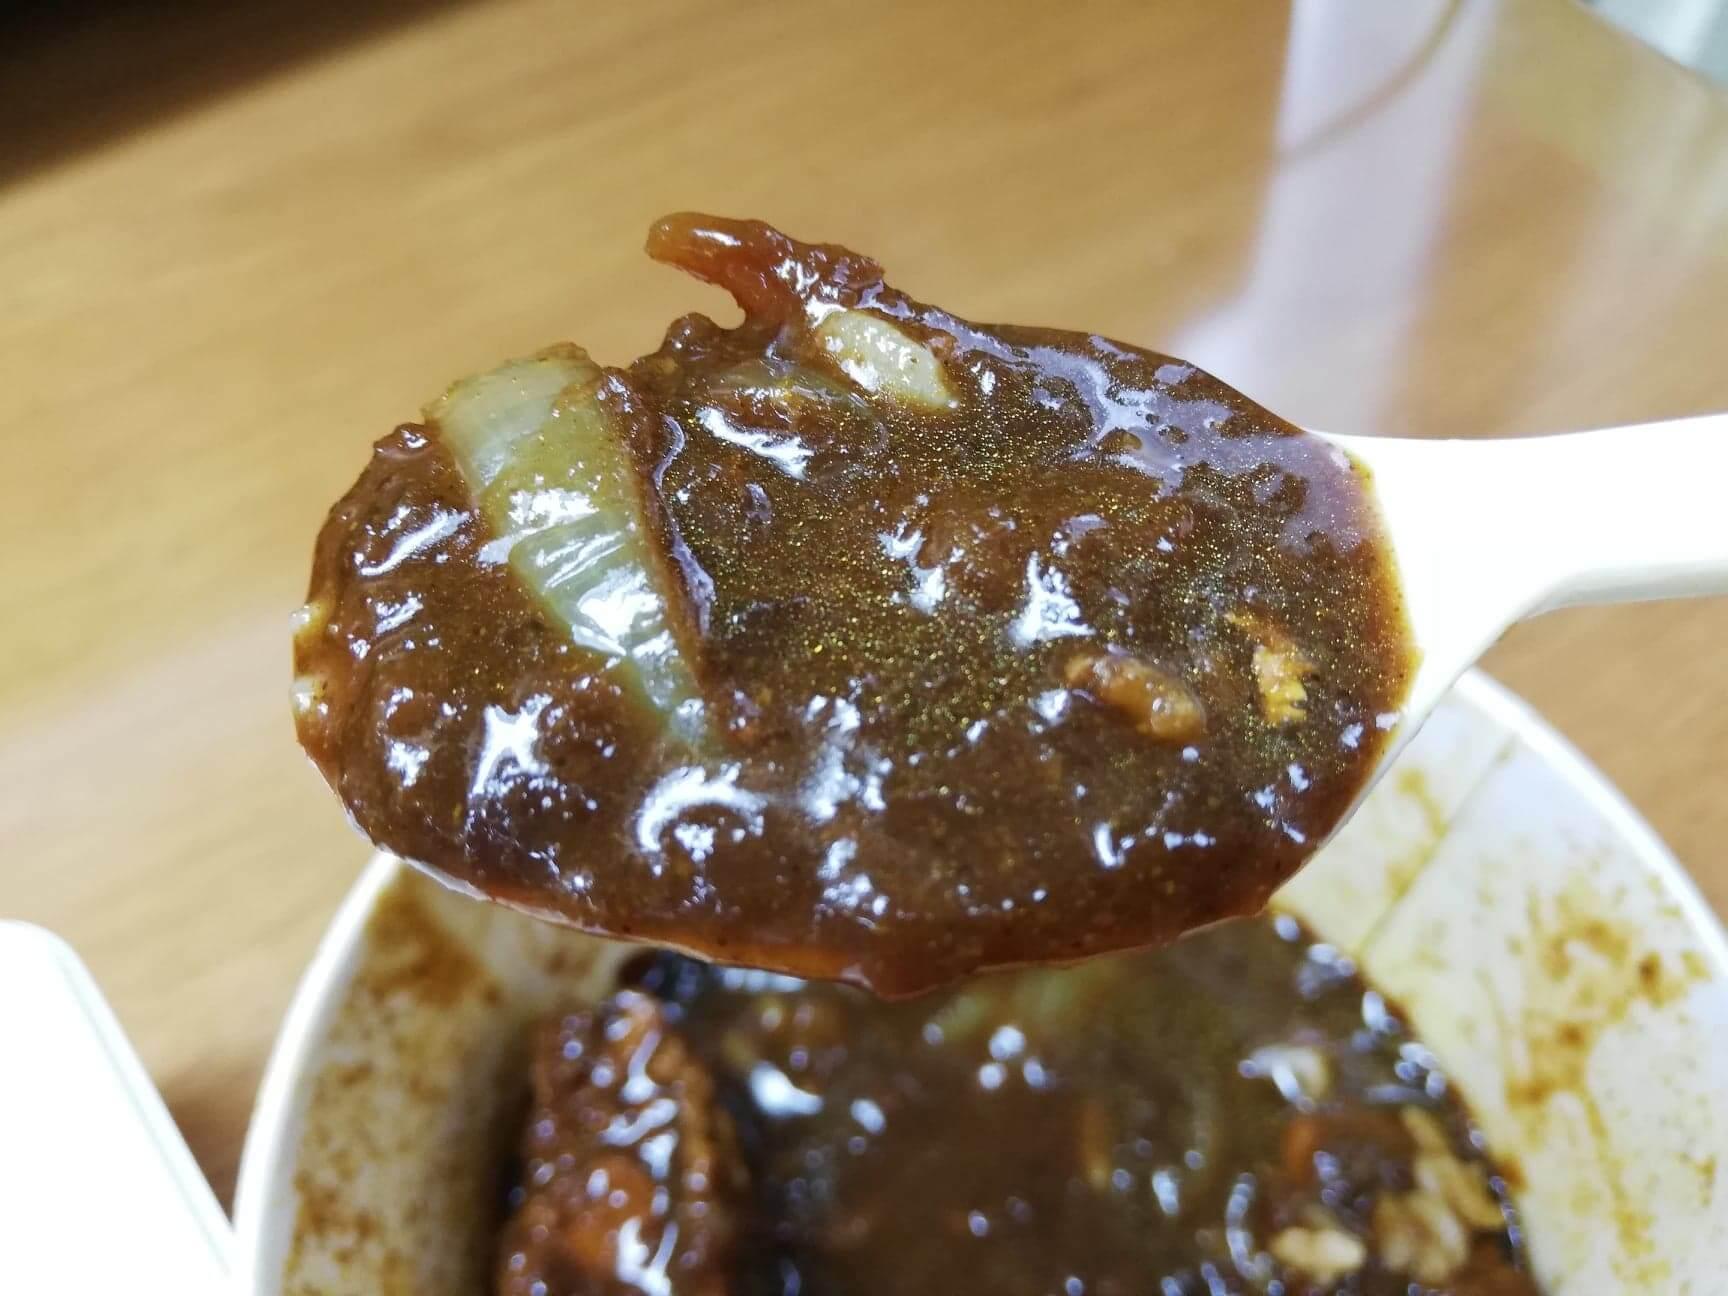 松屋のテイクアウト限定『おかずトリオ』のごろごろ煮込みチキンカレーソースの写真